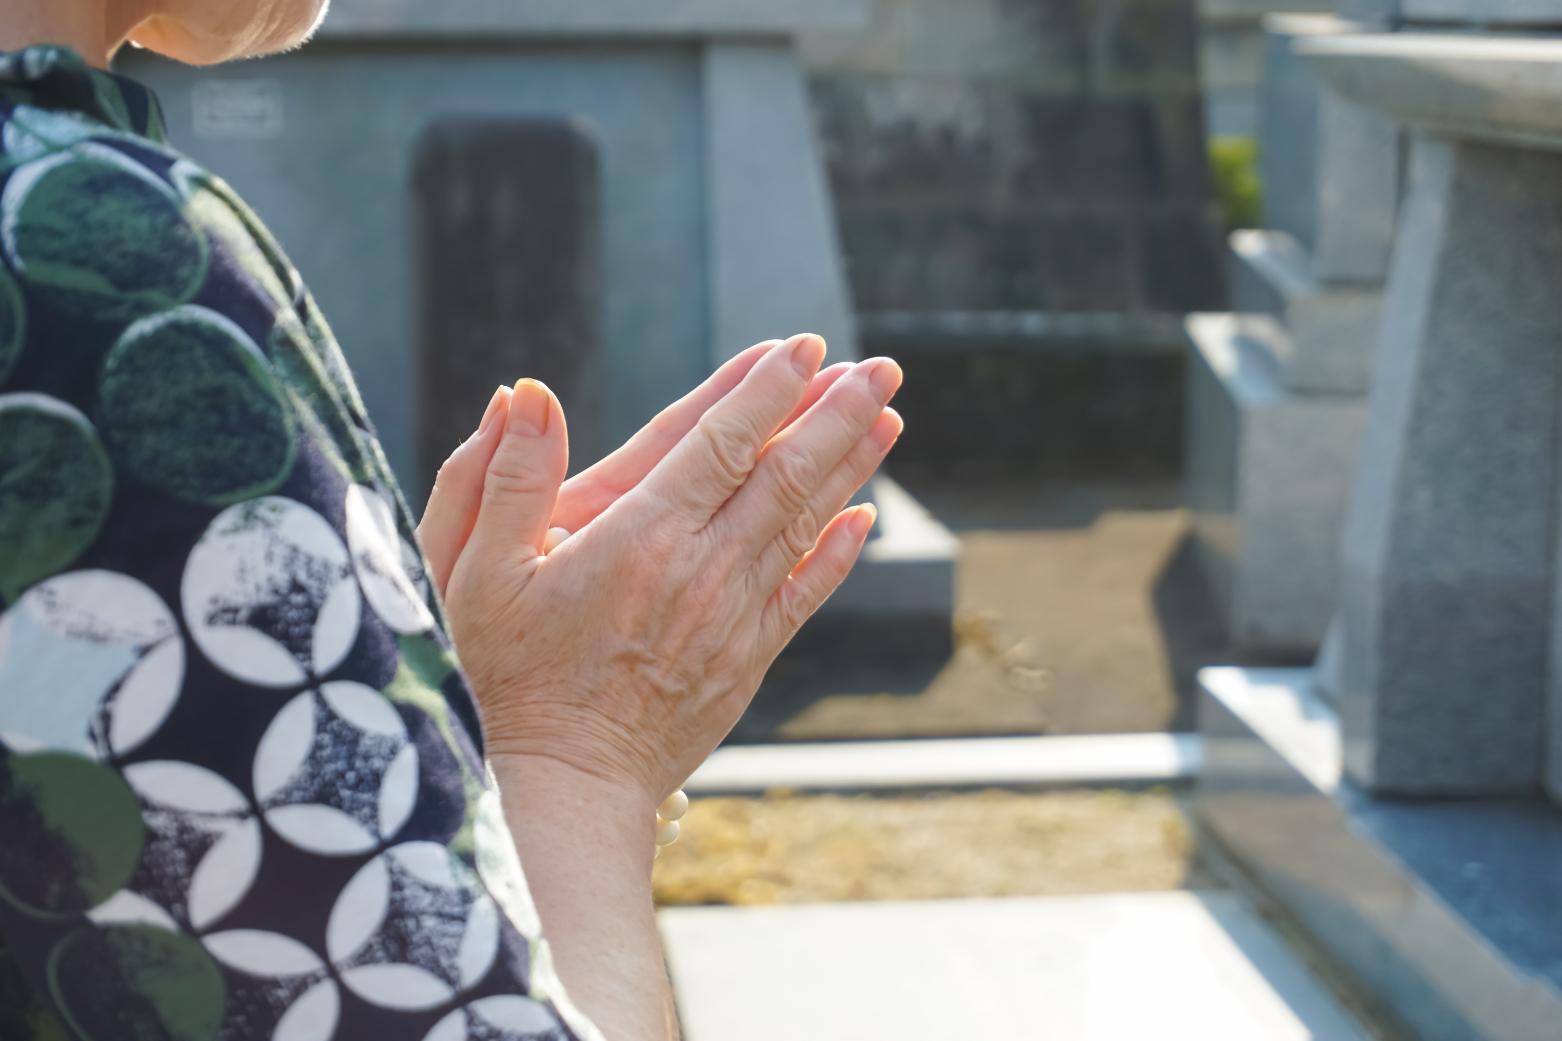 お墓の前で手を合わせる高齢の女性の手元